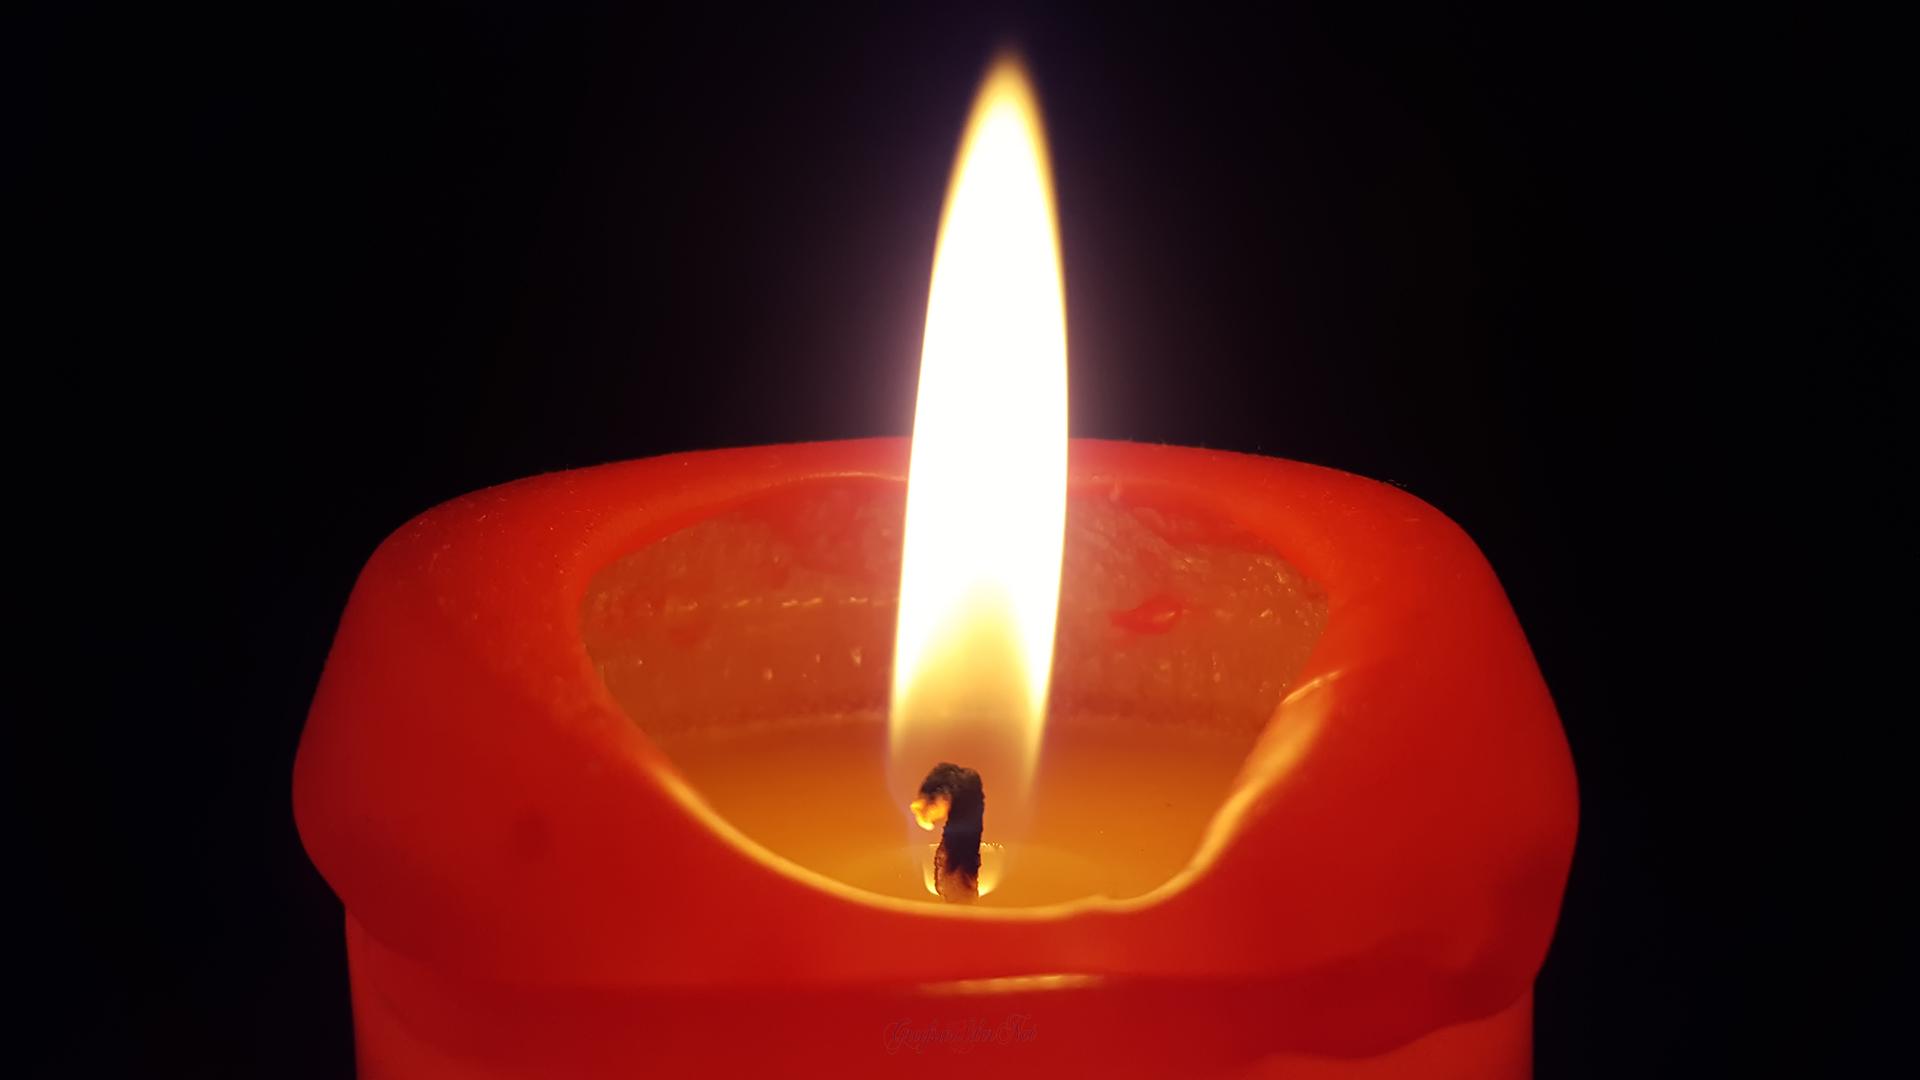 Kerzenschein am Abend